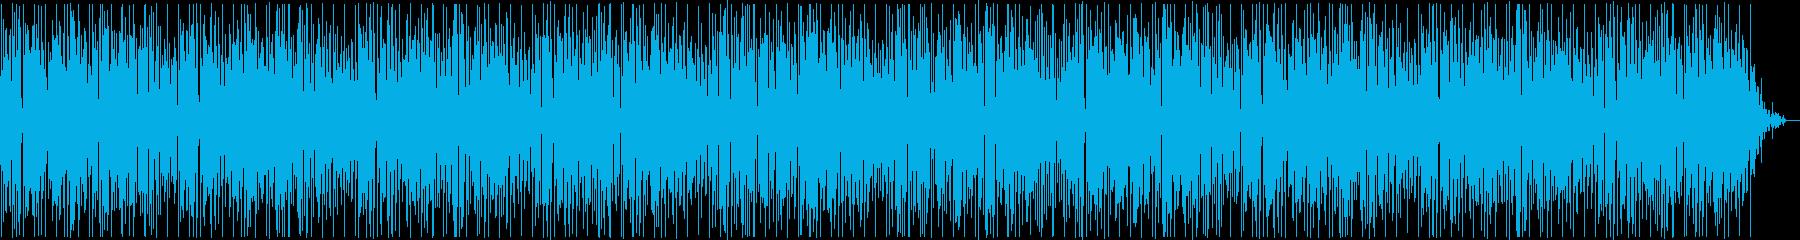 レトロな雰囲気あるピアノメロディーの再生済みの波形